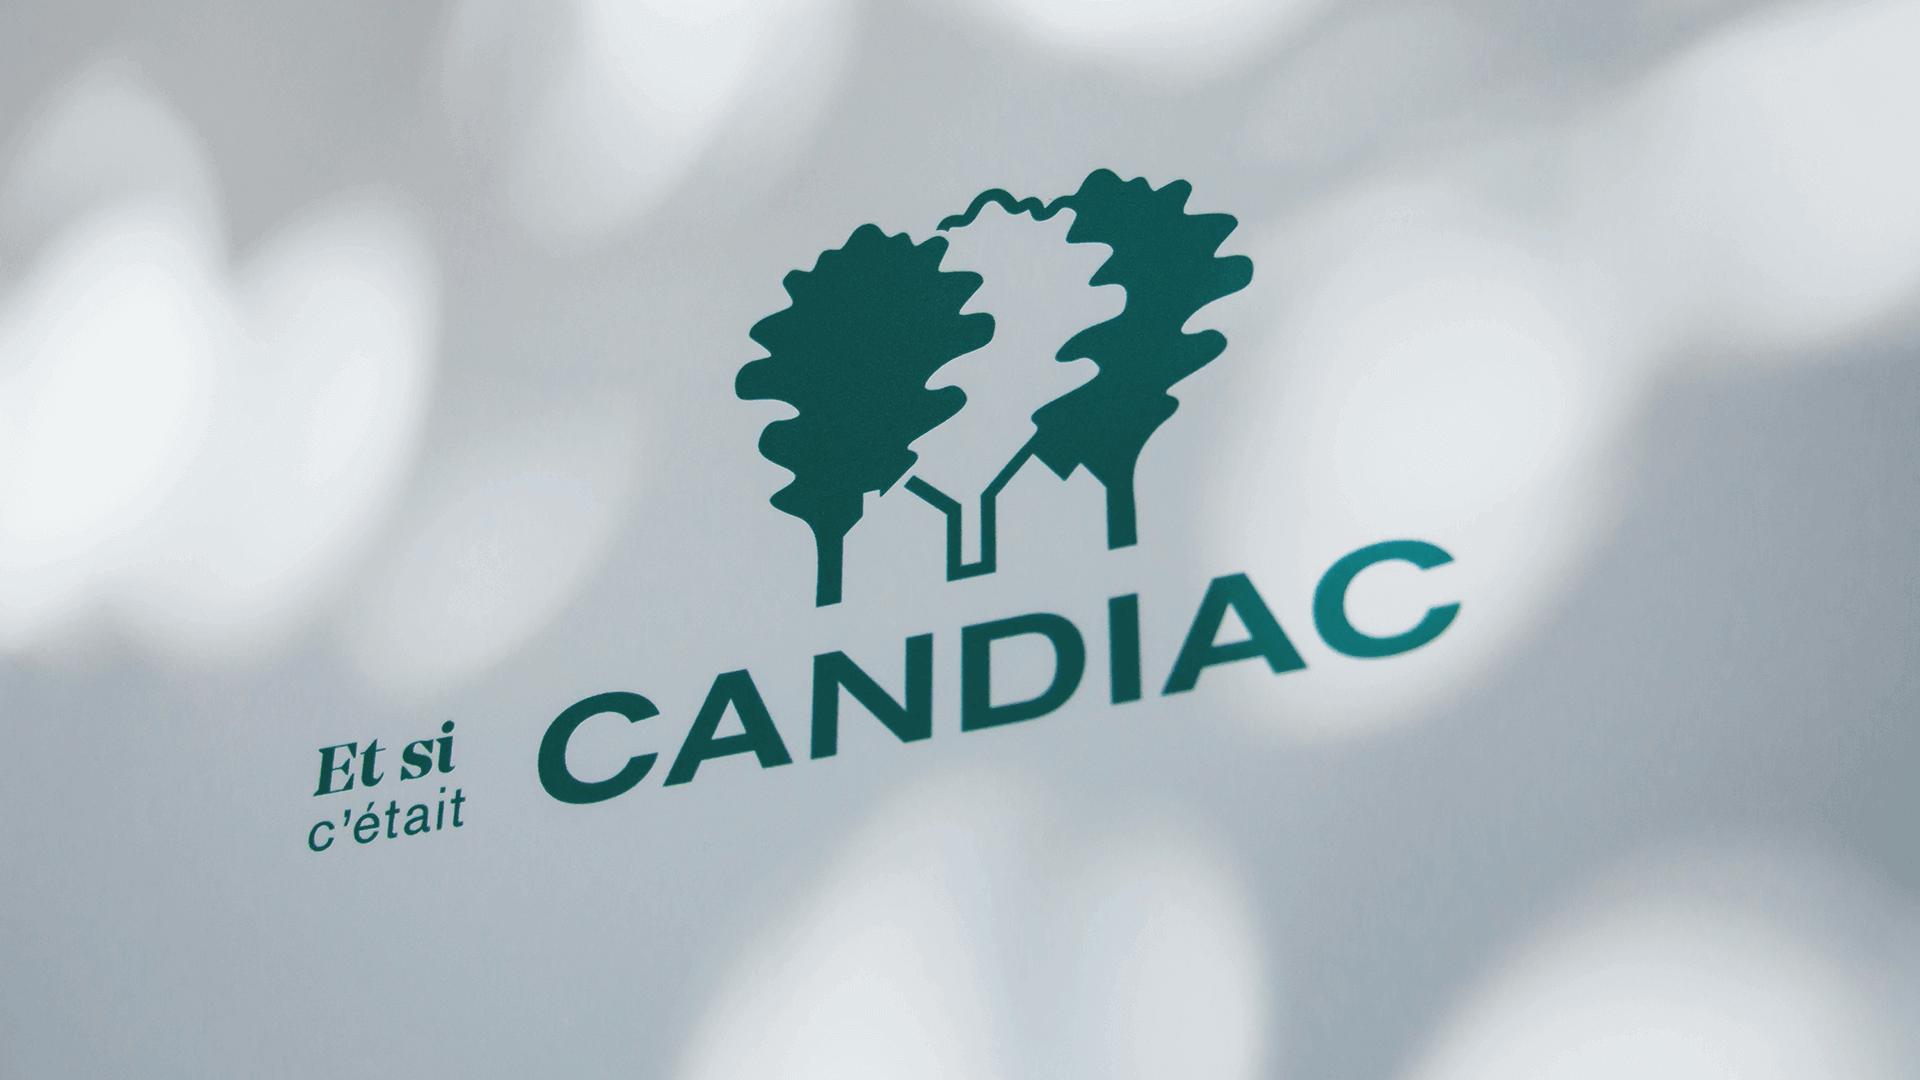 Marketing territorial et Campagne publicitaire   Gros plan sur une affiche   Candiac